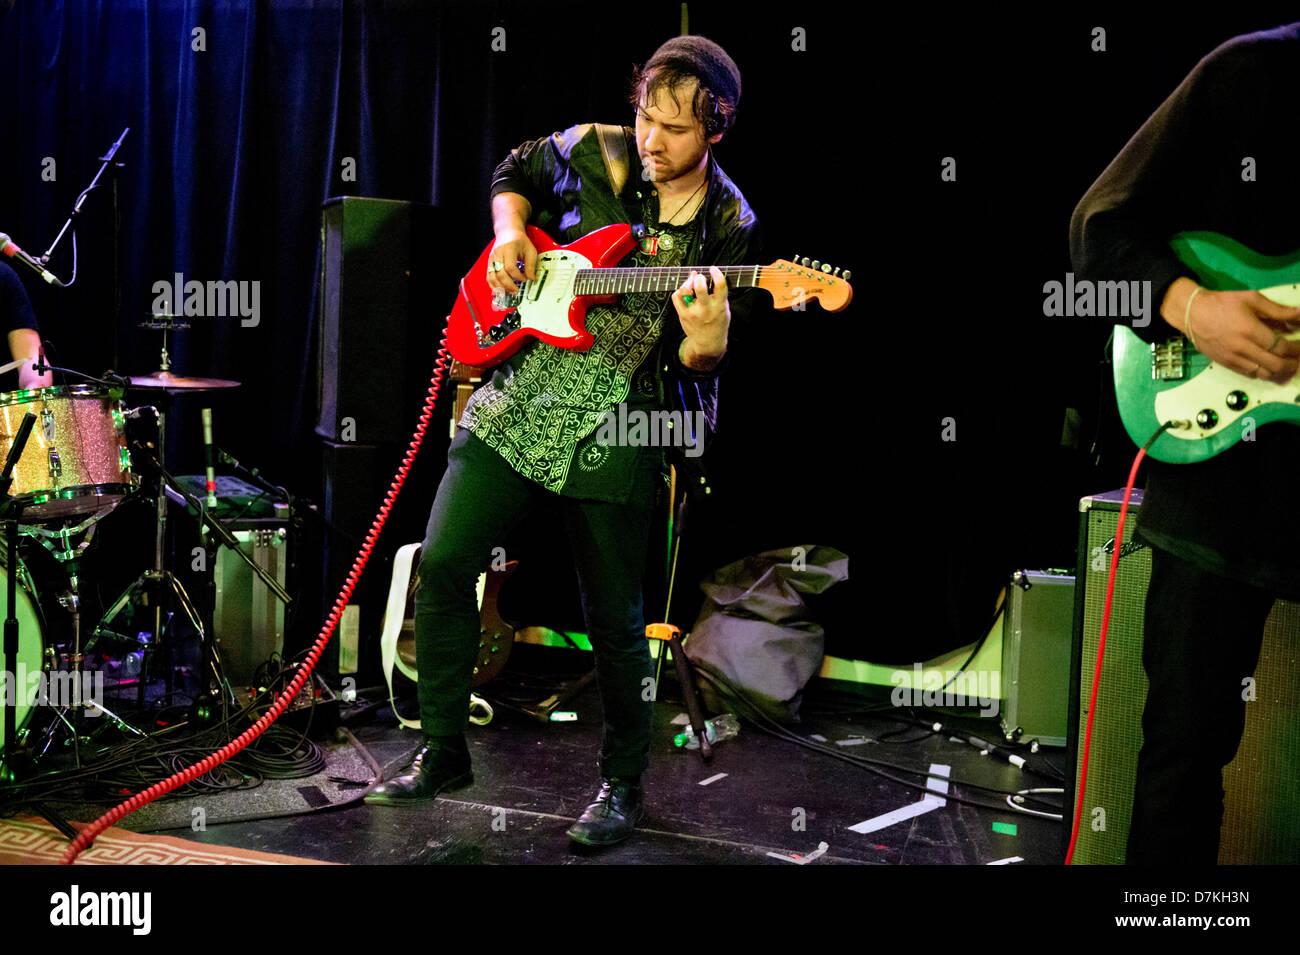 Birmingham, Vereinigtes Königreich. Alternative Rock-Band The unbekannt sterblichen Orchestra (aus Neuseeland & USA) Konzert in Birmingham Institure 8. Mai 2013. Ruban Nielson Sänger und Gitarrist. Stockfoto